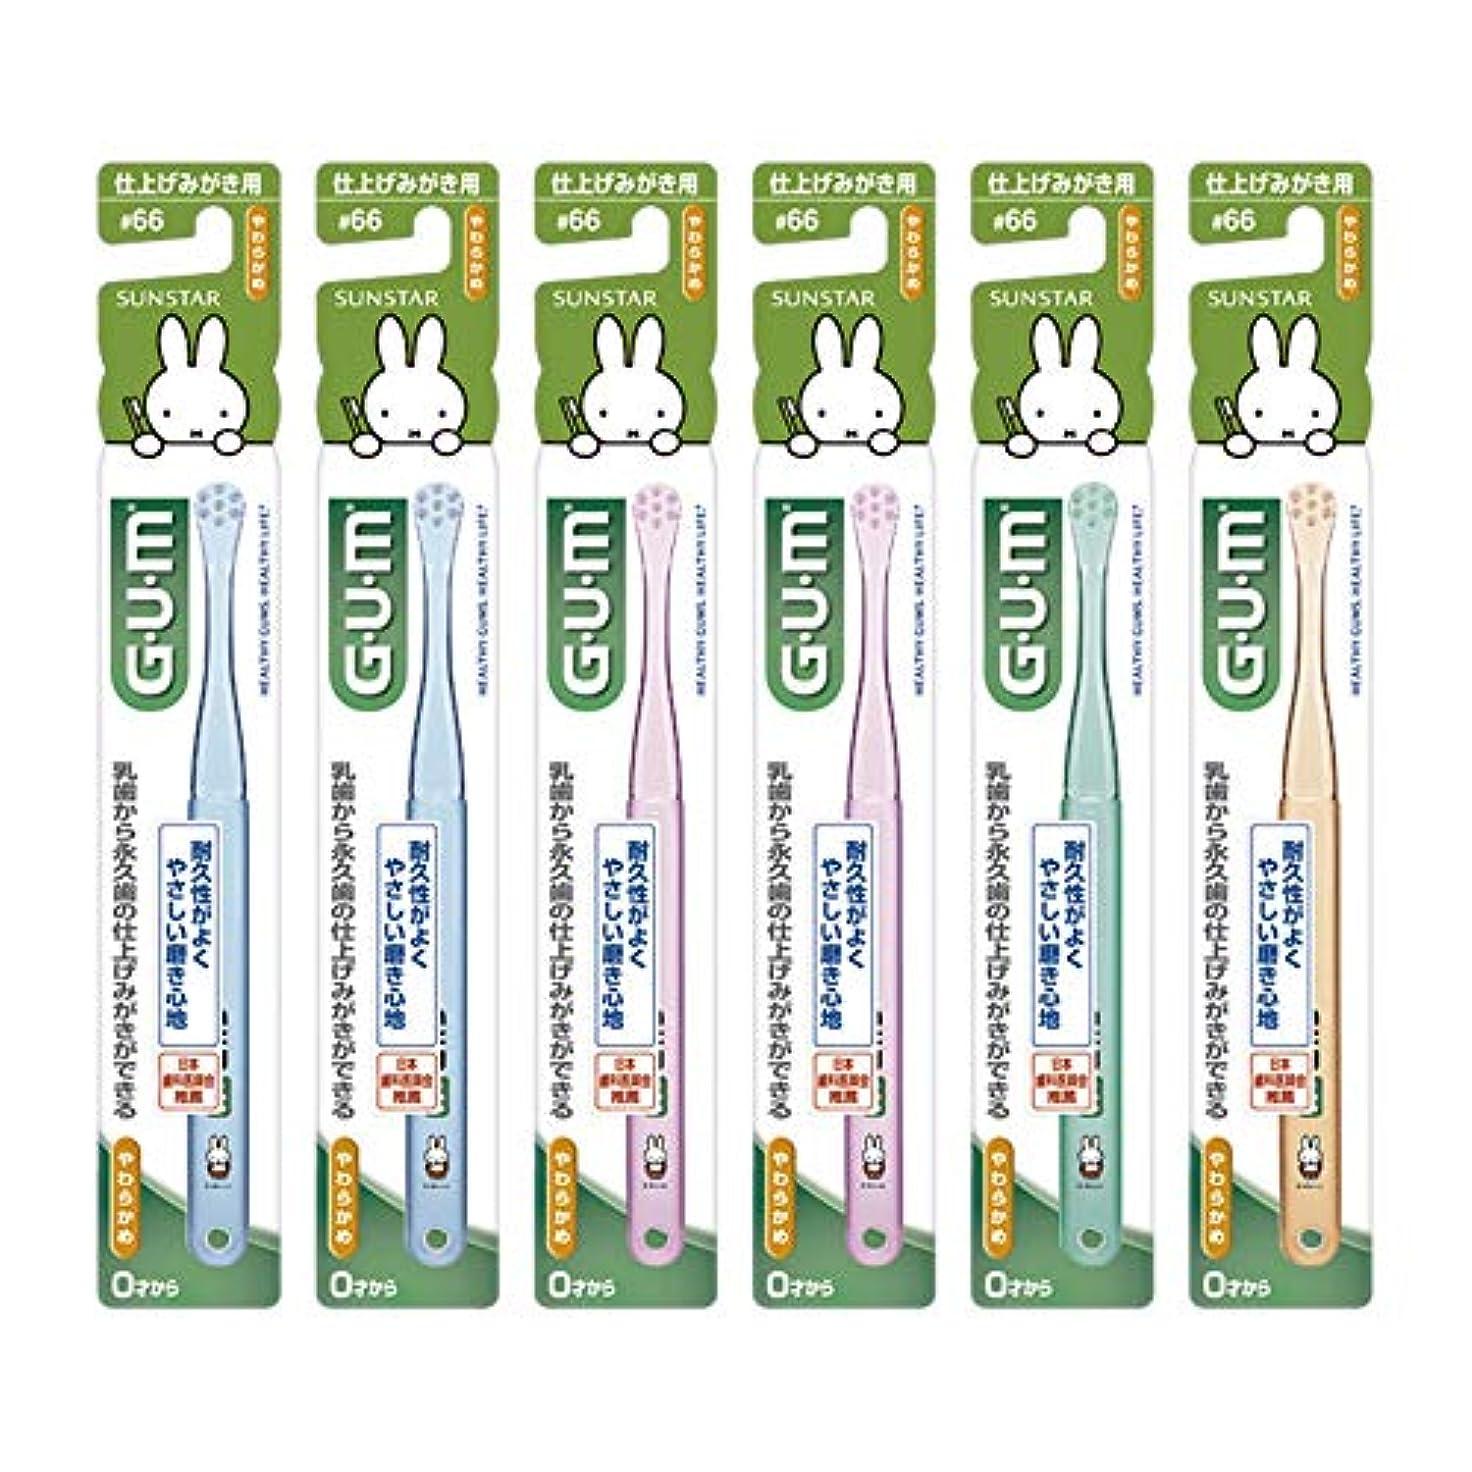 牧草地インチ騒乱GUM(ガム) デンタル こども 歯ブラシ #66 [仕上げみがき用/やわらかめ] 6本パック+ おまけつき【Amazon.co.jp限定】